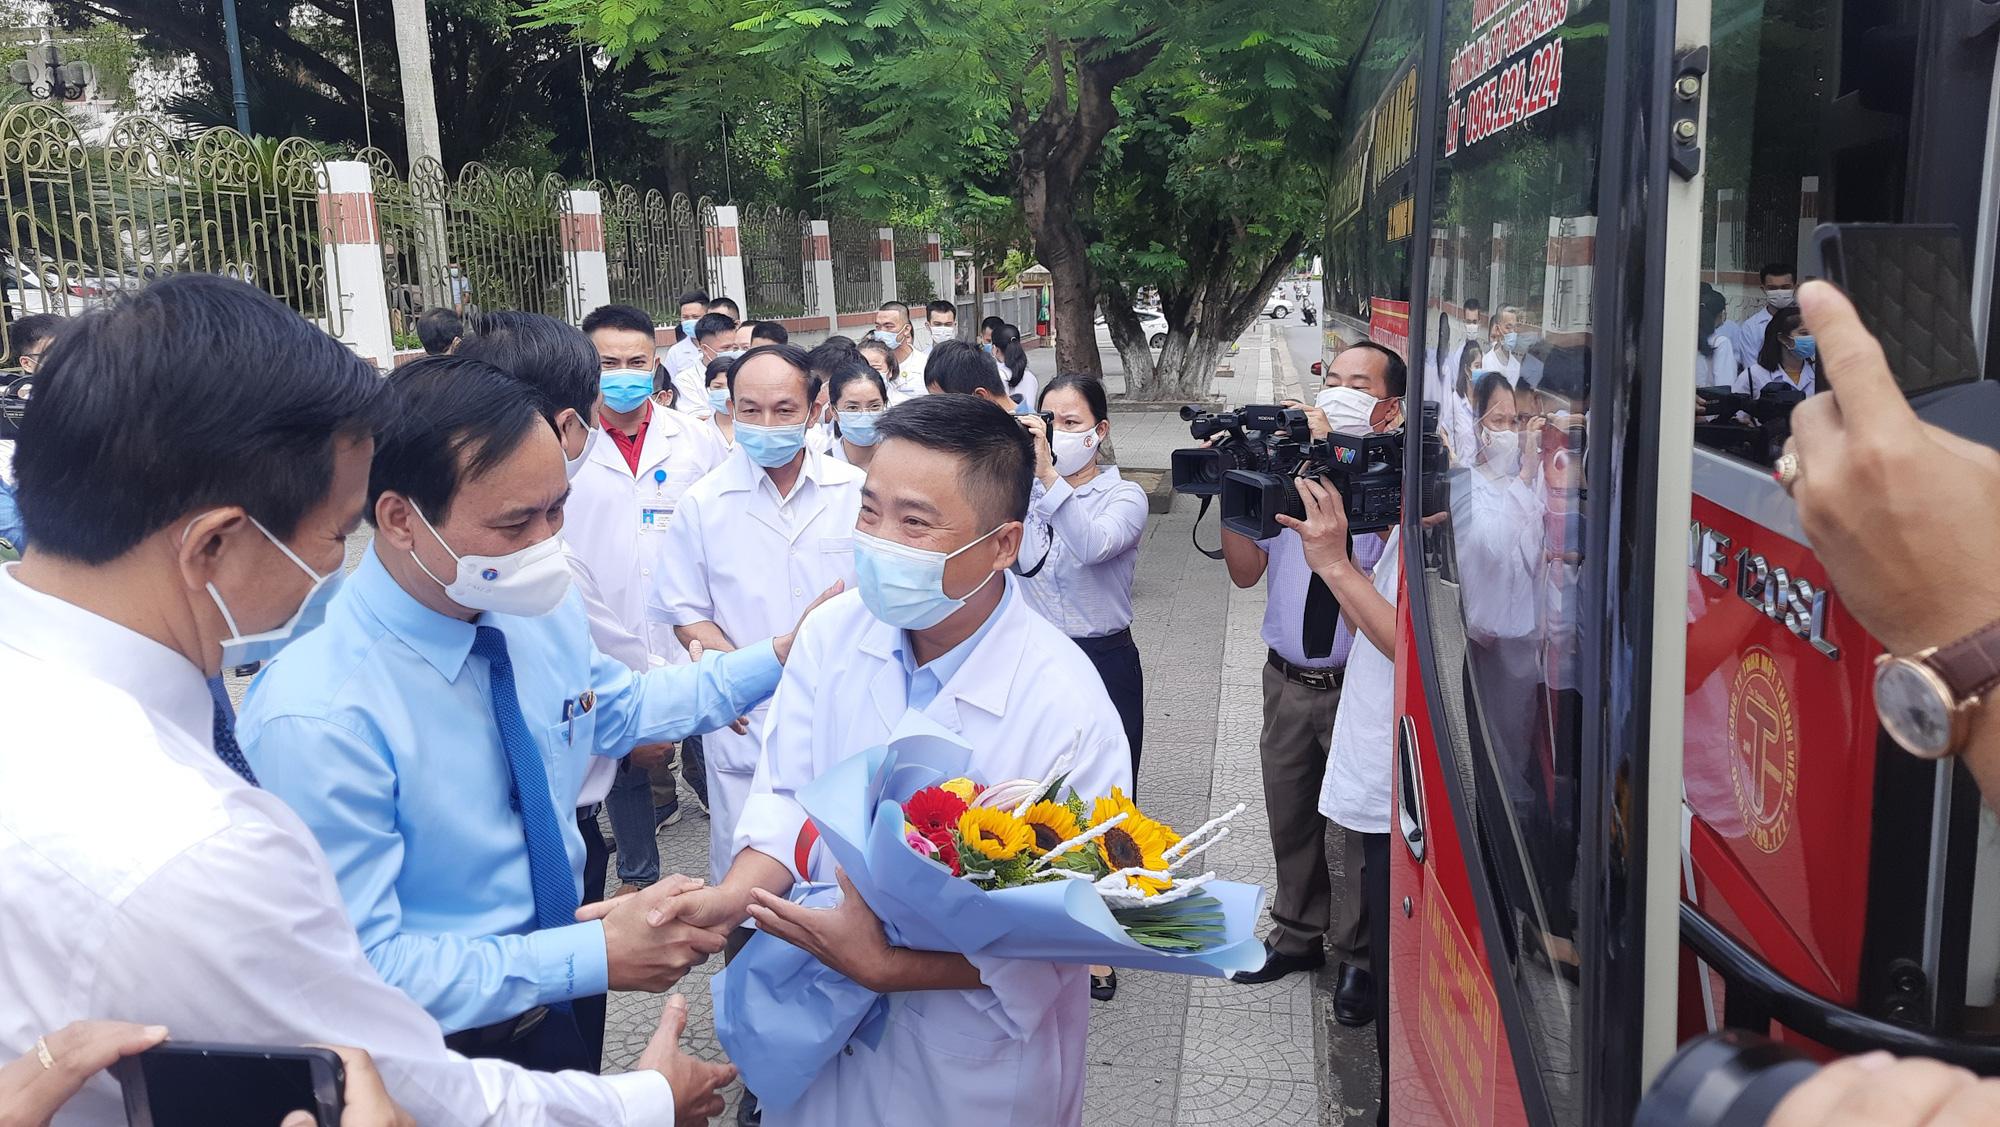 Thêm 36 cán bộ y tế tỉnh Quảng Trị chuẩn bị vào Nam chống dịch: Sẵn sàng có mặt khi Tổ quốc cần - Ảnh 3.